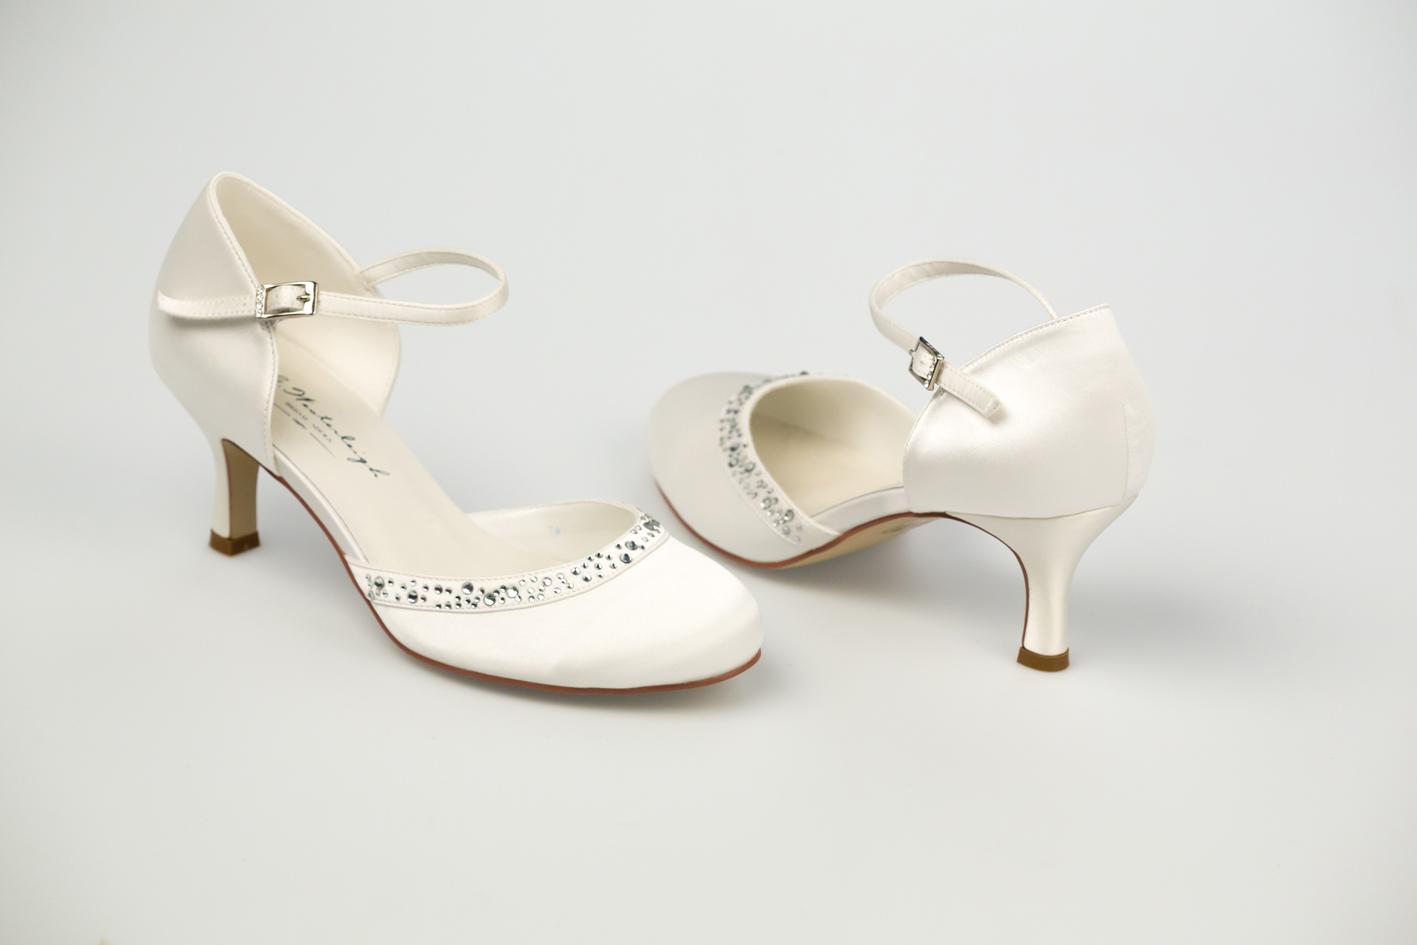 Svadobné topánky Adele - Obrázok č. 3